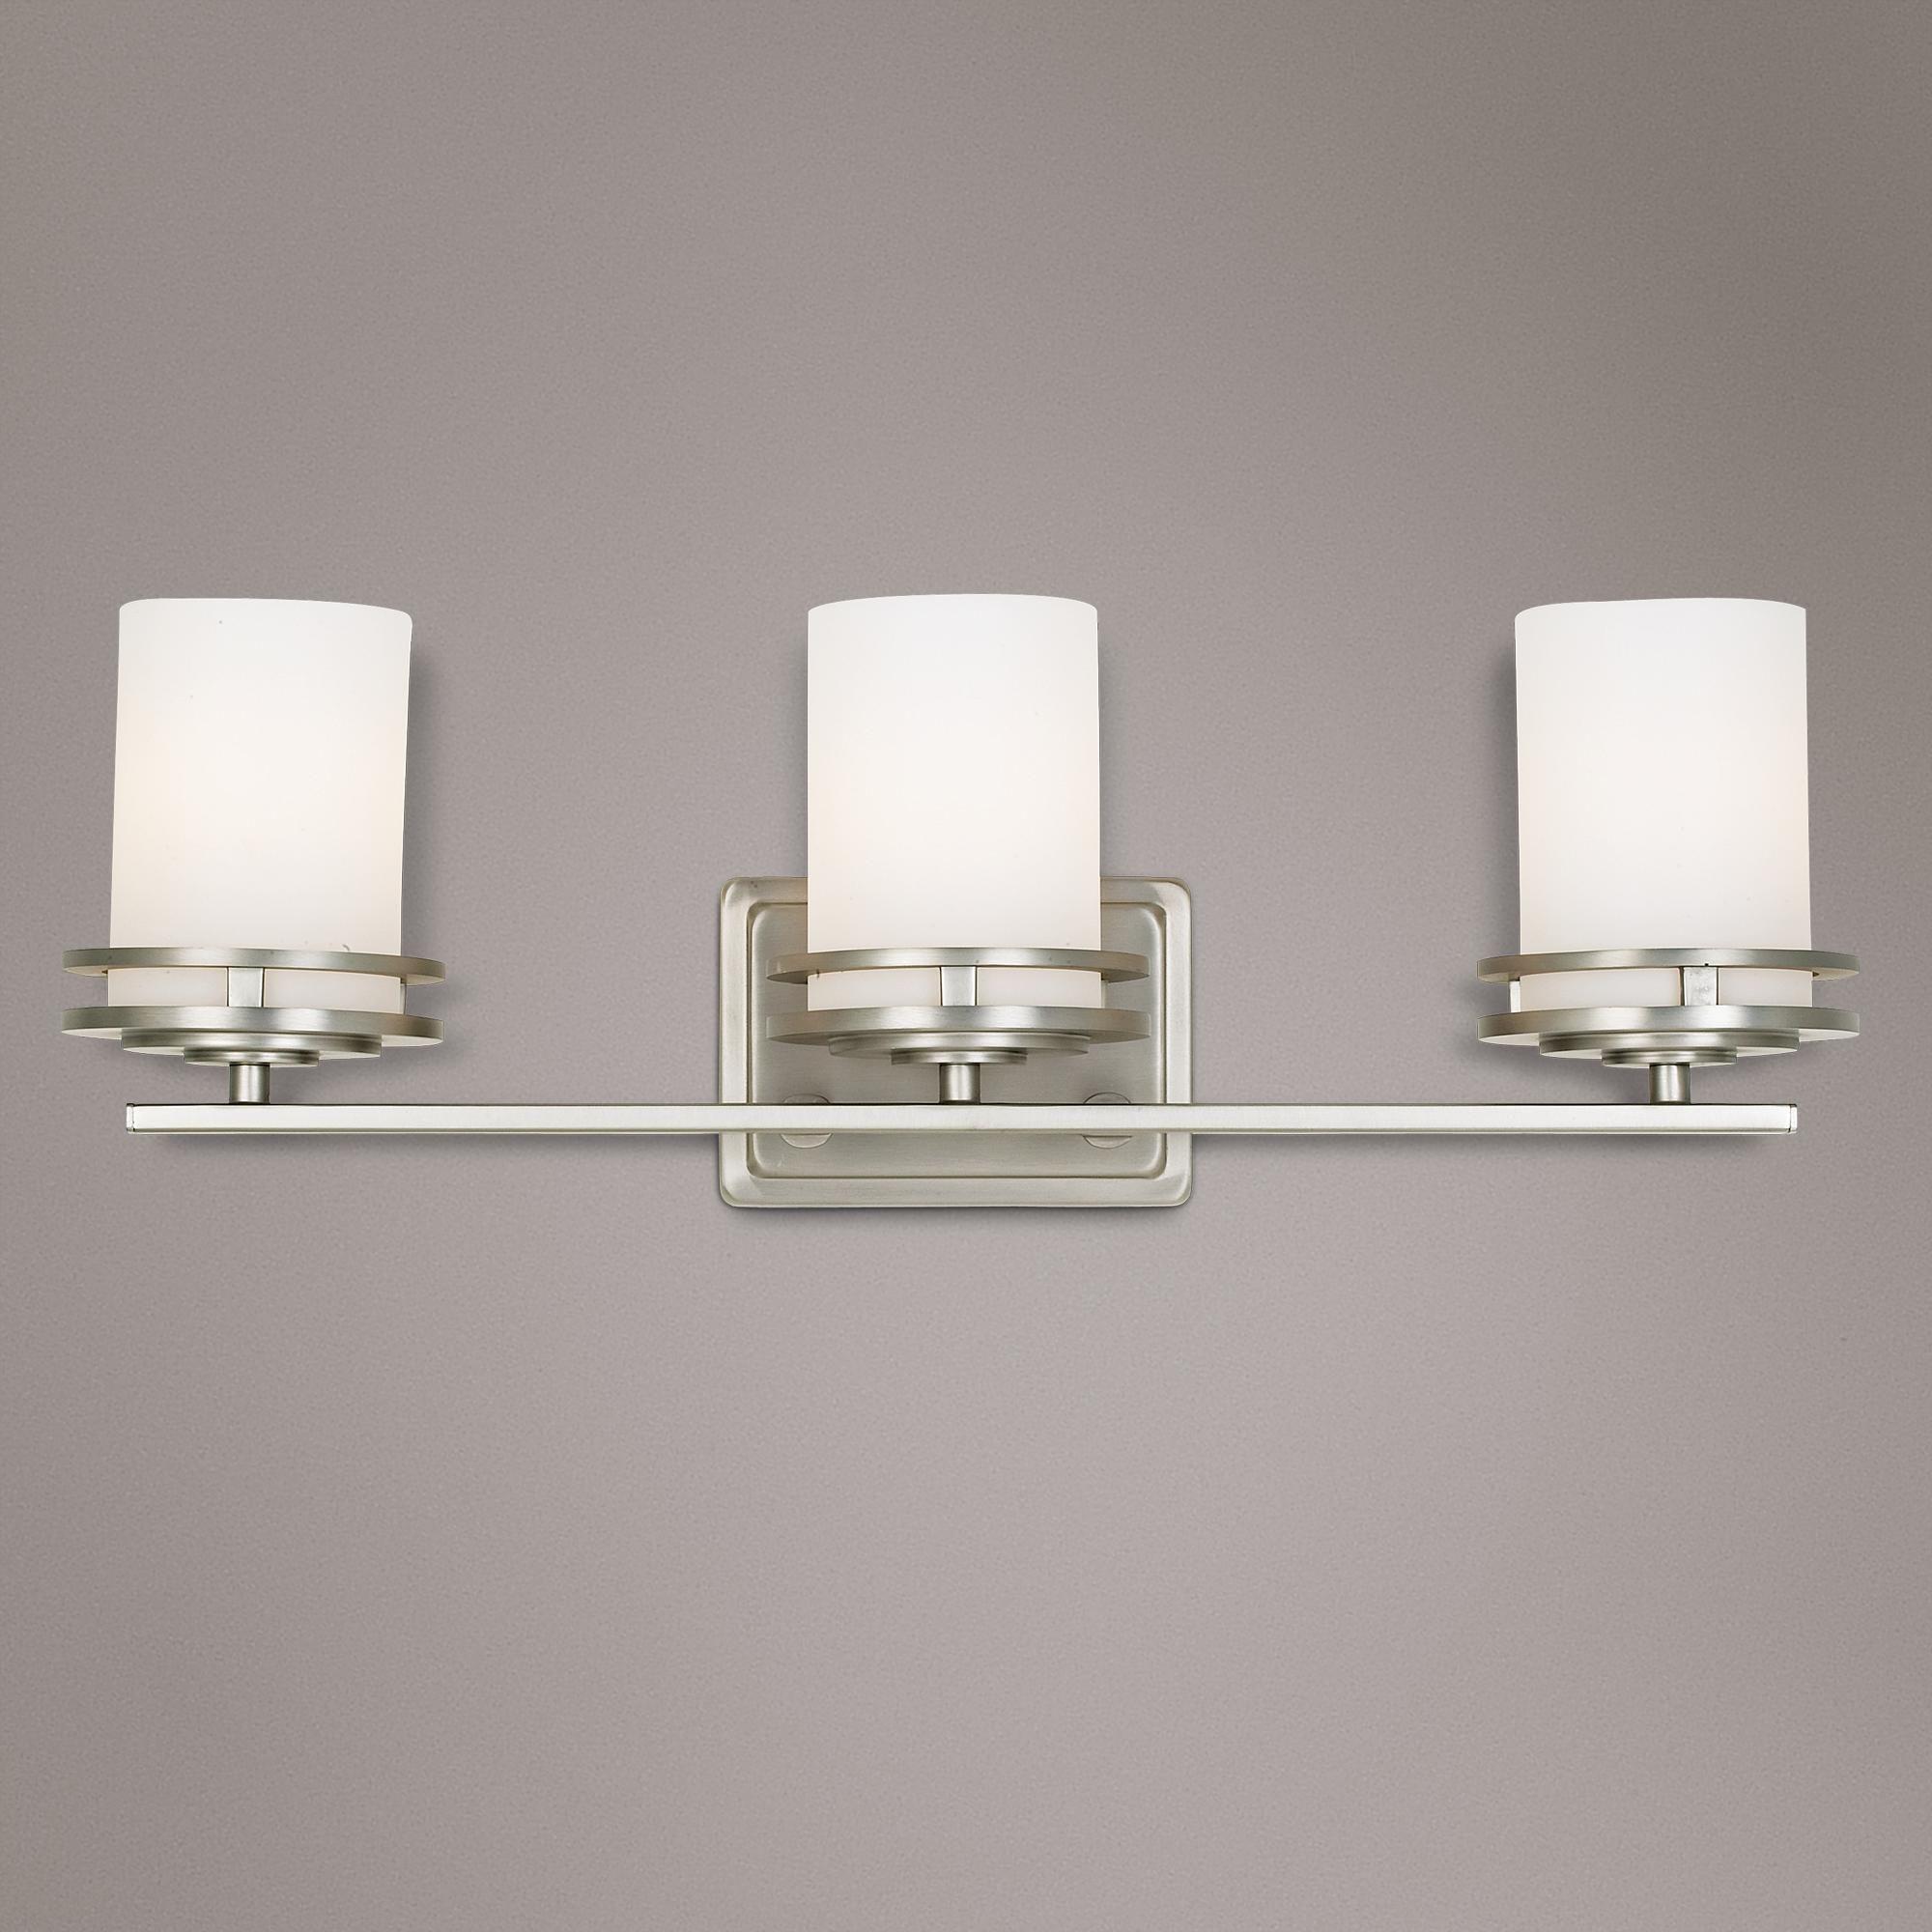 Hendrik Nickel 24 Wide Bathroom Light Fixture 41763 Lamps Plus Bathroom Light Fixtures Bathroom Lighting Light Fixtures